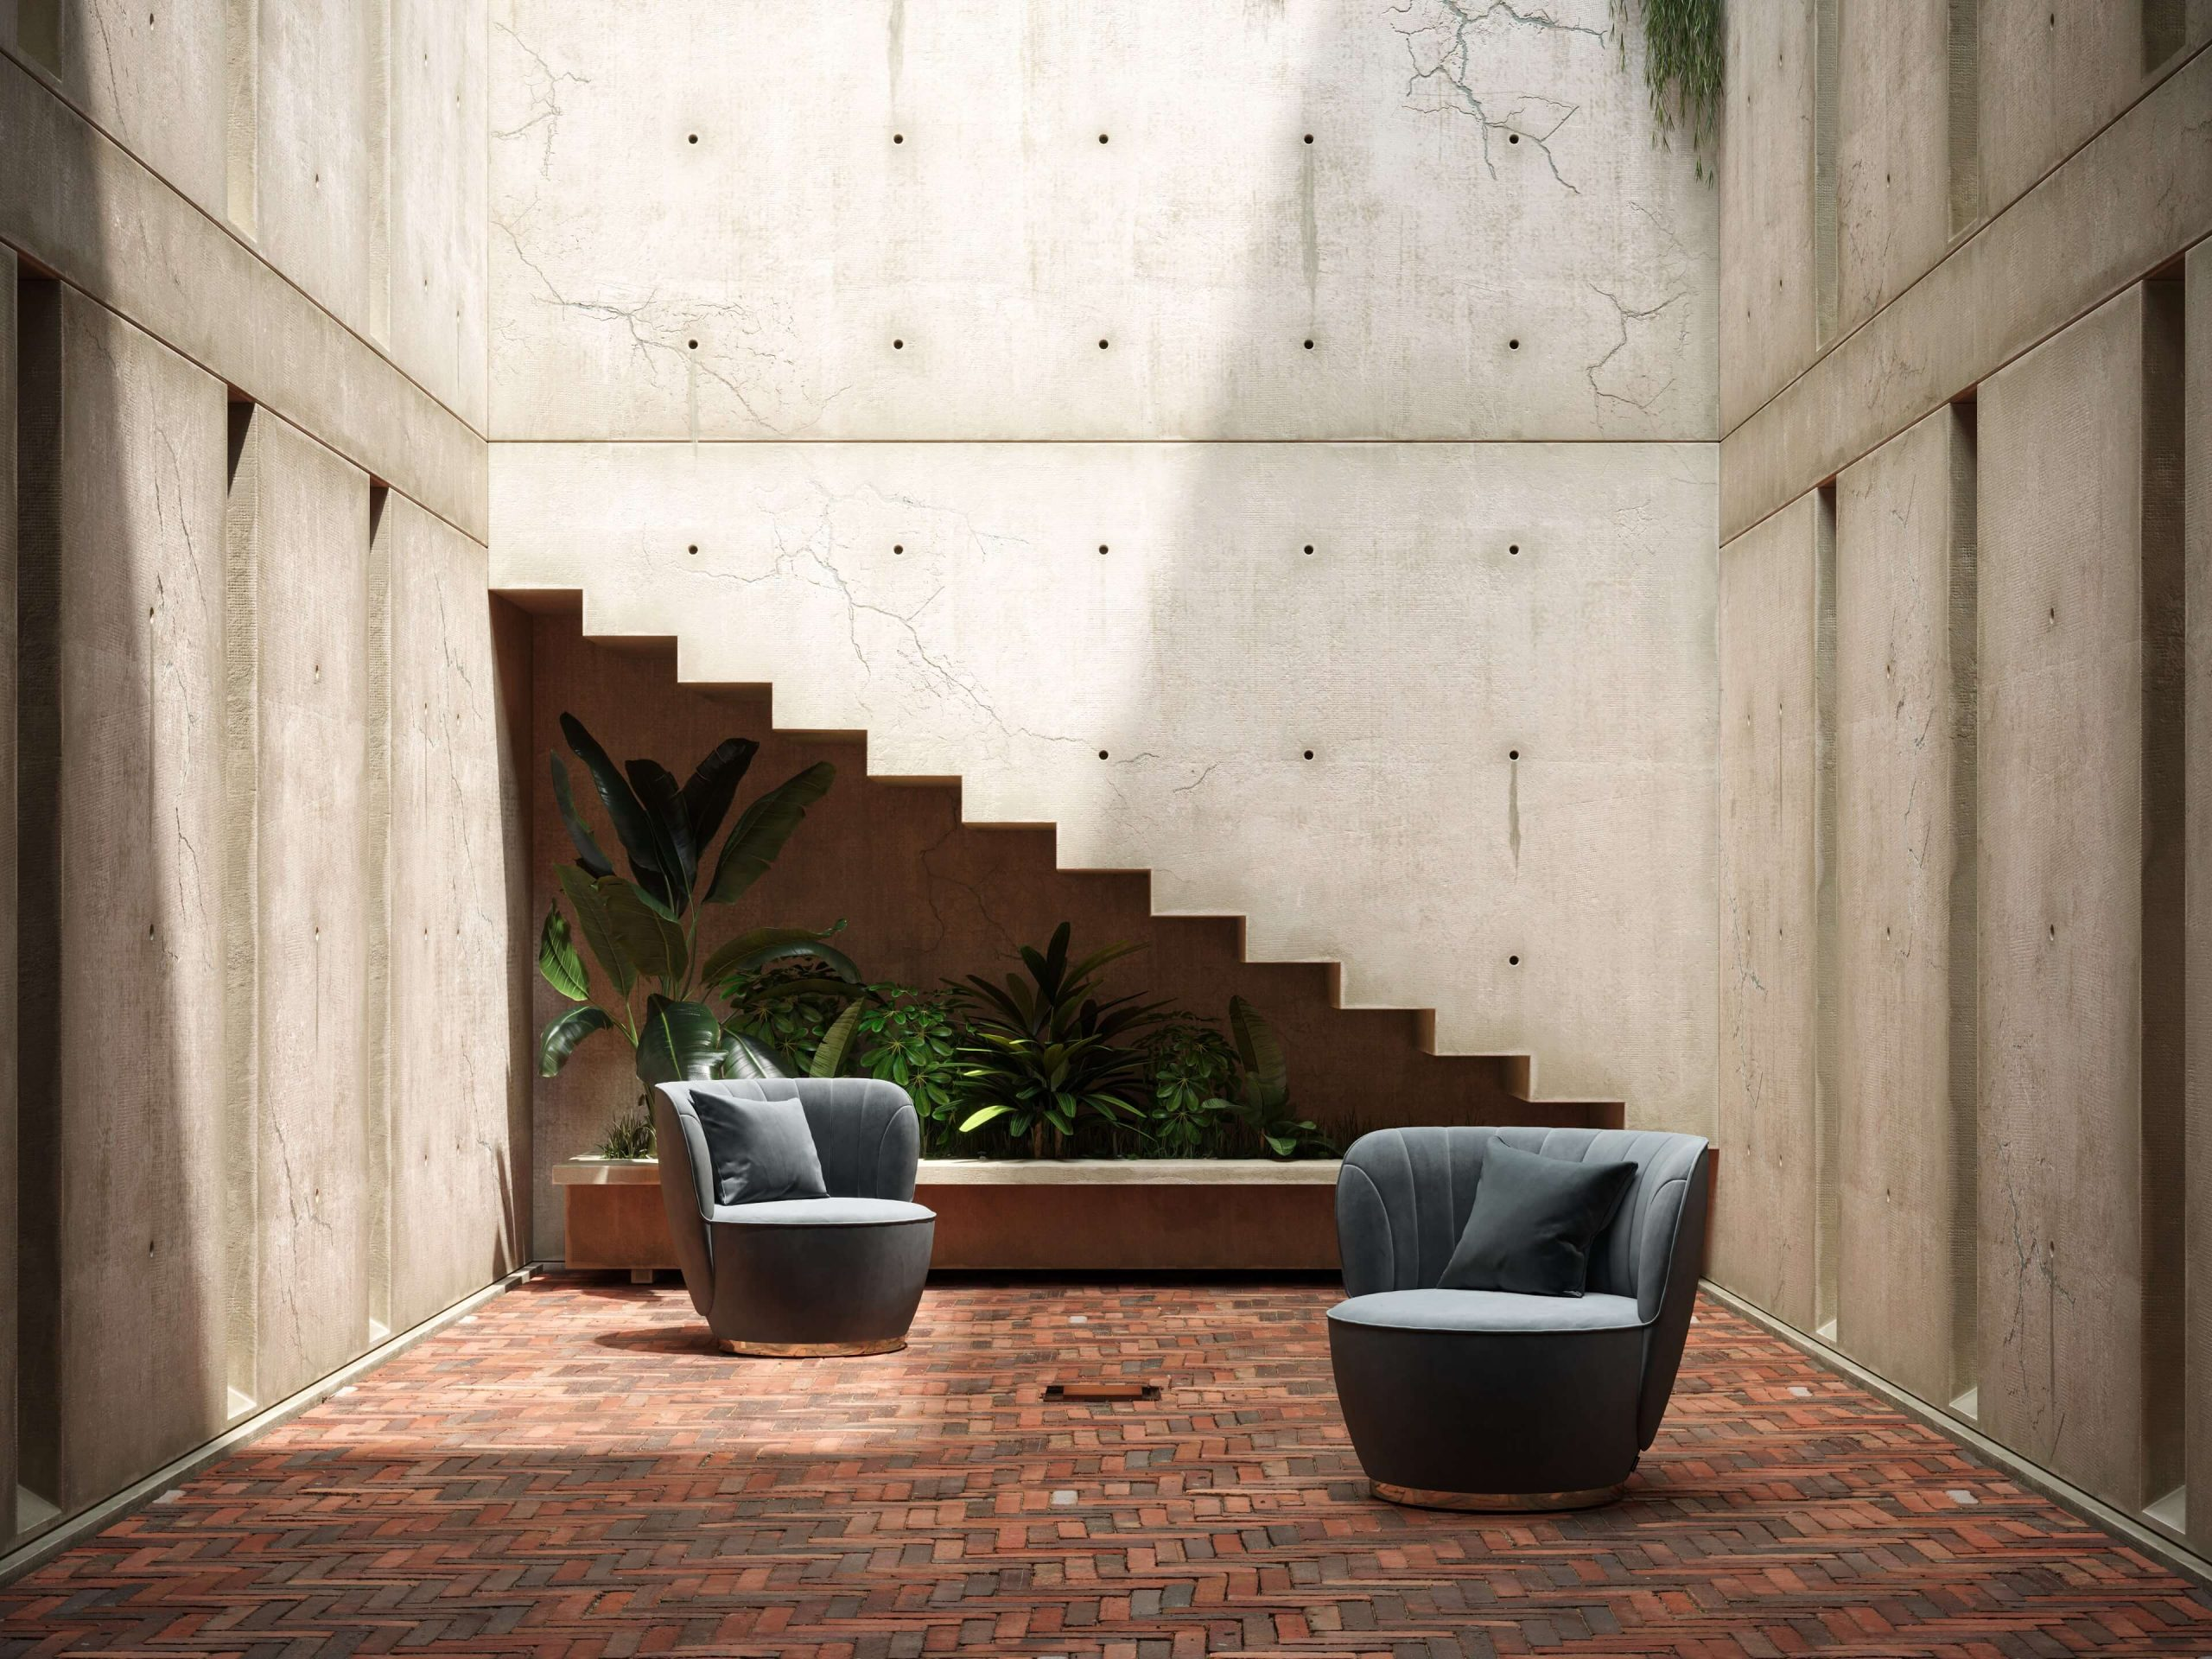 butaca-pearl-velvet-gray-living-room-upholstered-furniture-domkapa-5